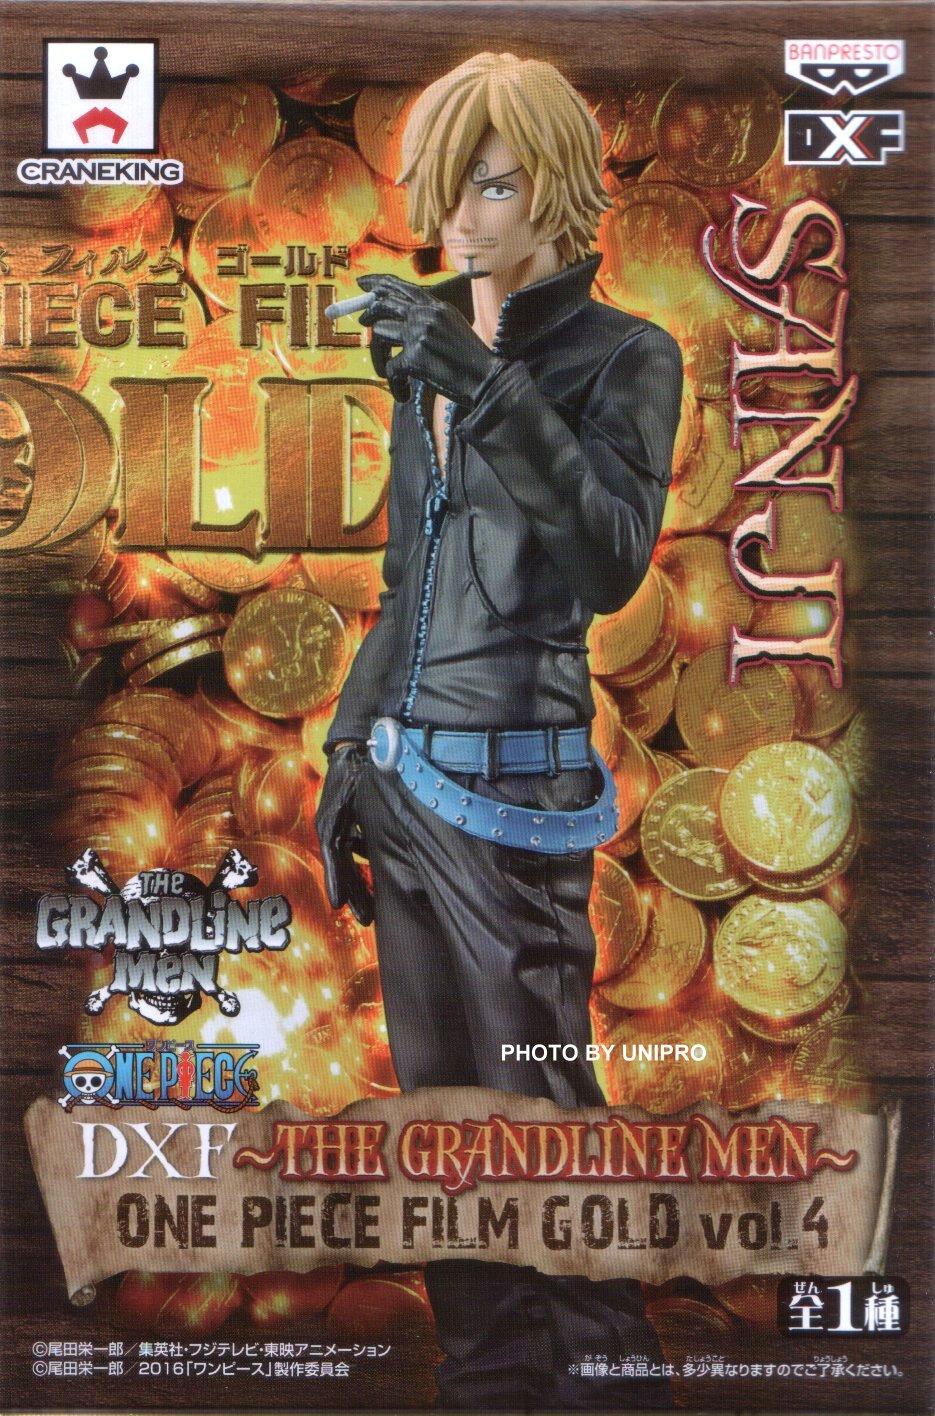 台灣代理版 電影版 DXF THE GRANDLINE MEN ONE PIECE FILM GOLD VOL.4 文斯莫克 香吉士 海賊王 航海王 公仔